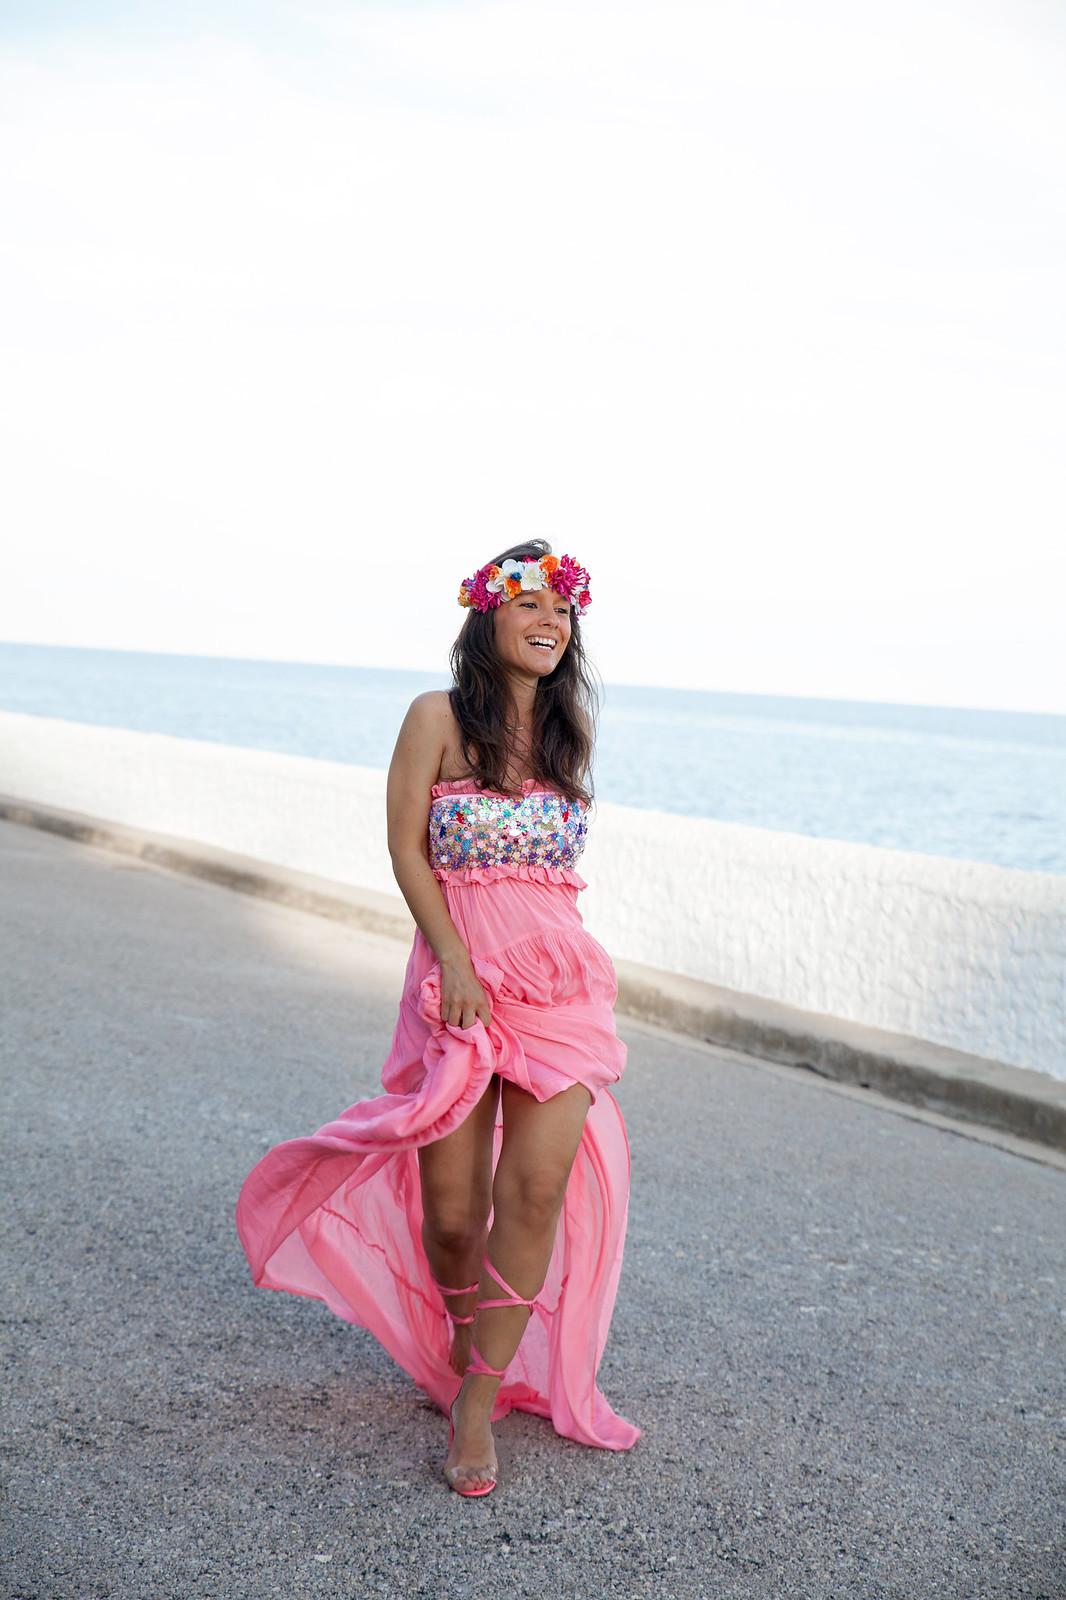 04_El_vestido_perfecto_fiesta_san_juan_verbena_highly_preppy_theguestgirl_fashion_influencer_barcelona_bilbao_embarazada_tacones